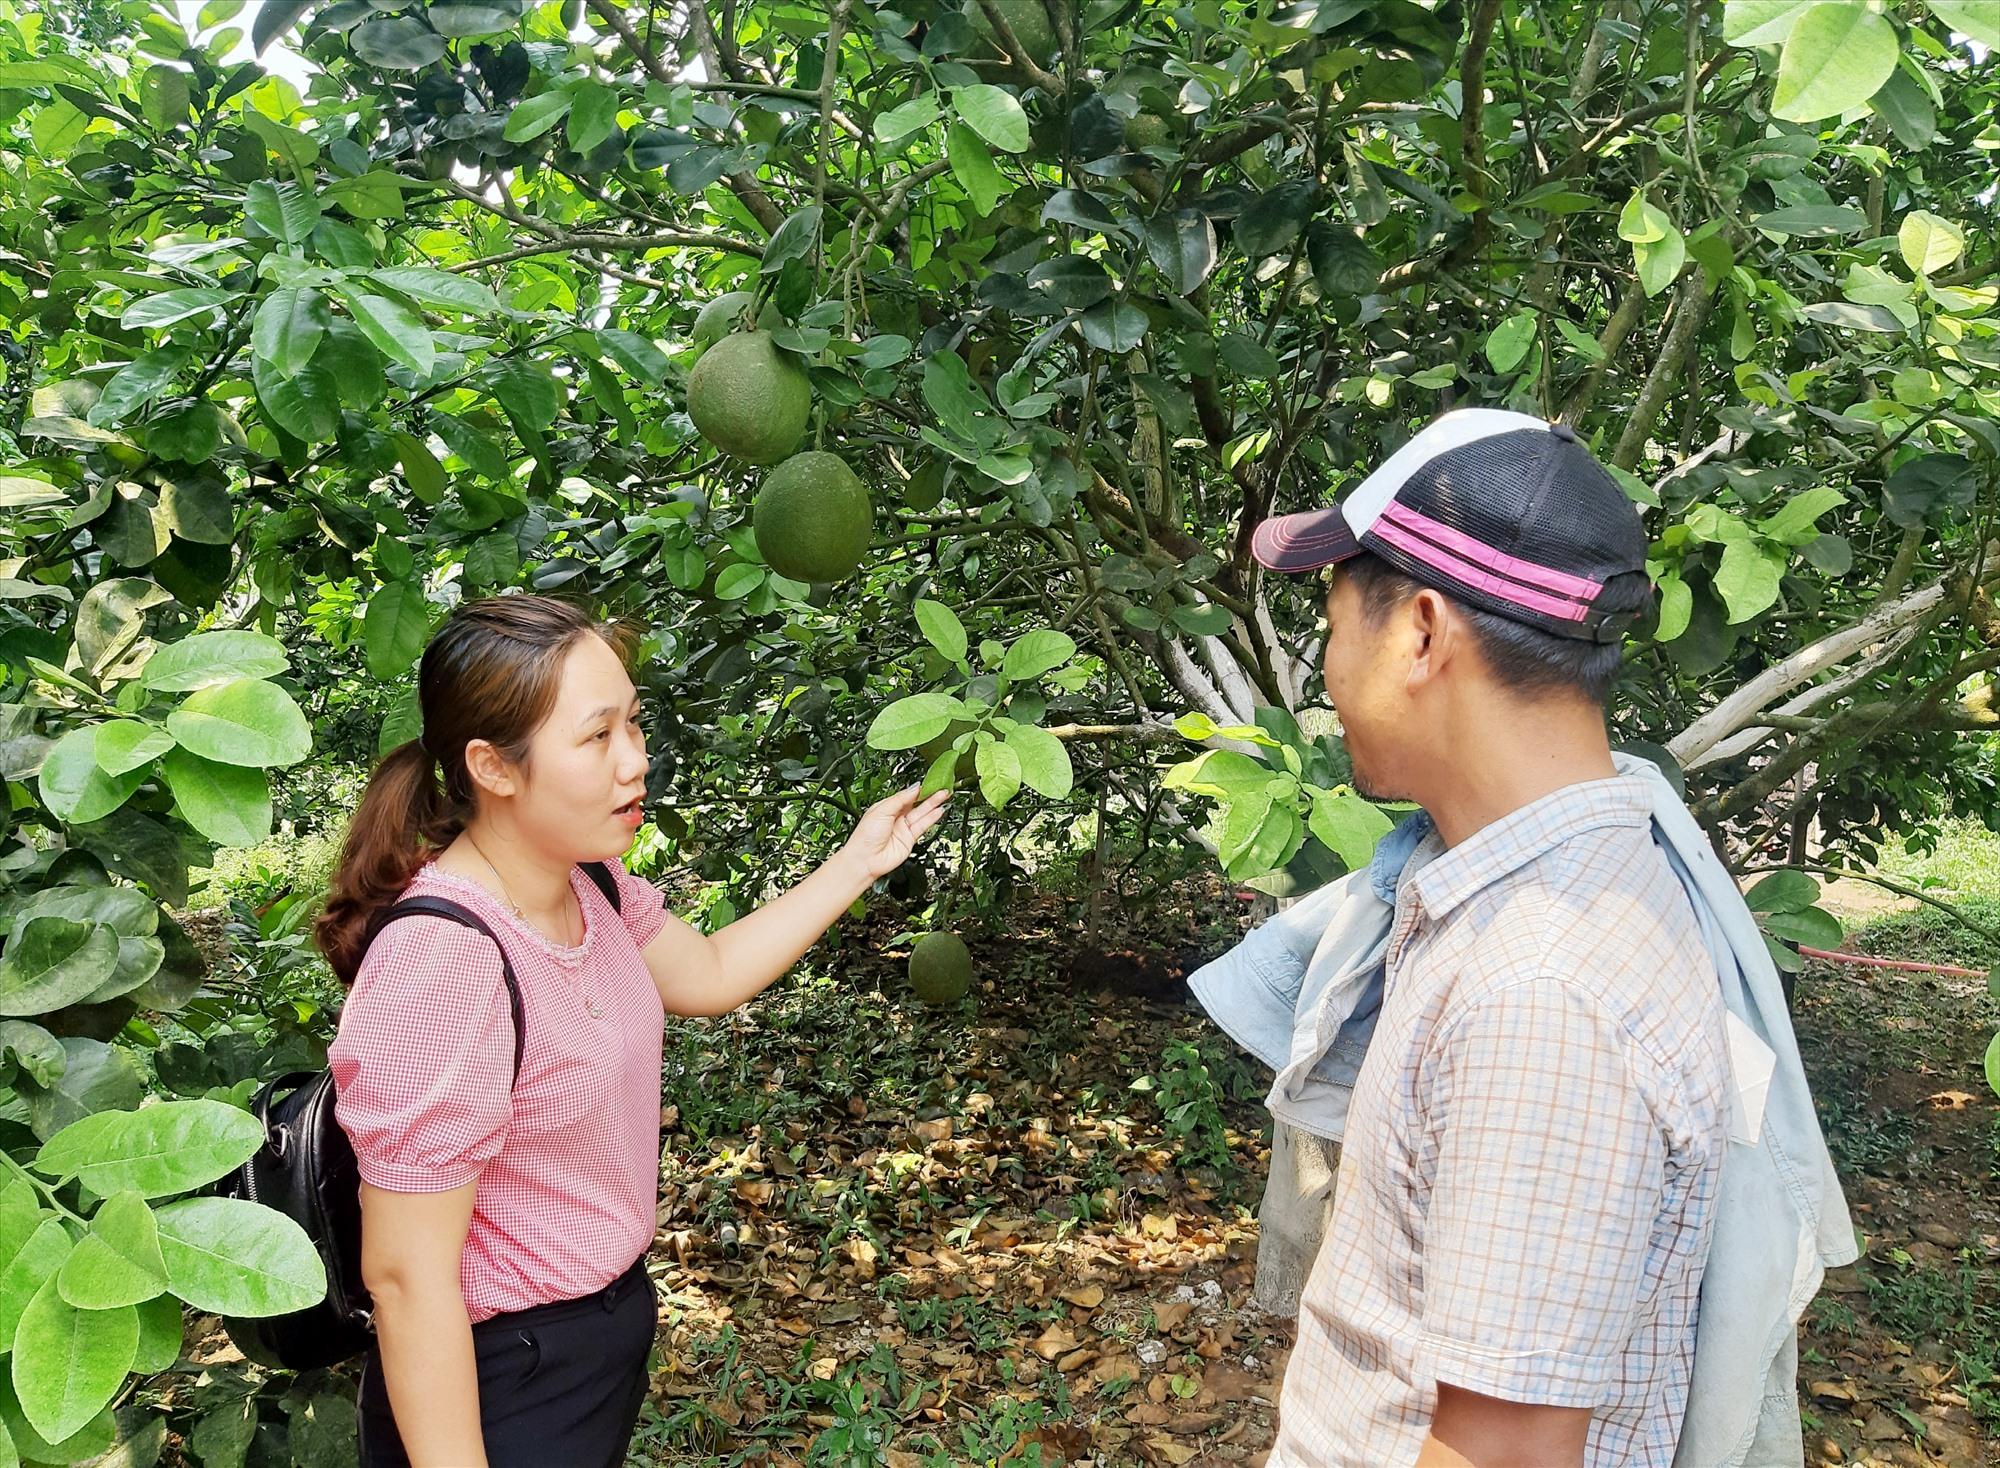 Huyện Hiệp Đức tích cực hỗ trợ người dân phát triển mạnh mô hình trồng cây ăn quả để xây dựng các sản phẩm OCOP theo phương thức sản xuất hàng hóa tập trung. Ảnh: M.L